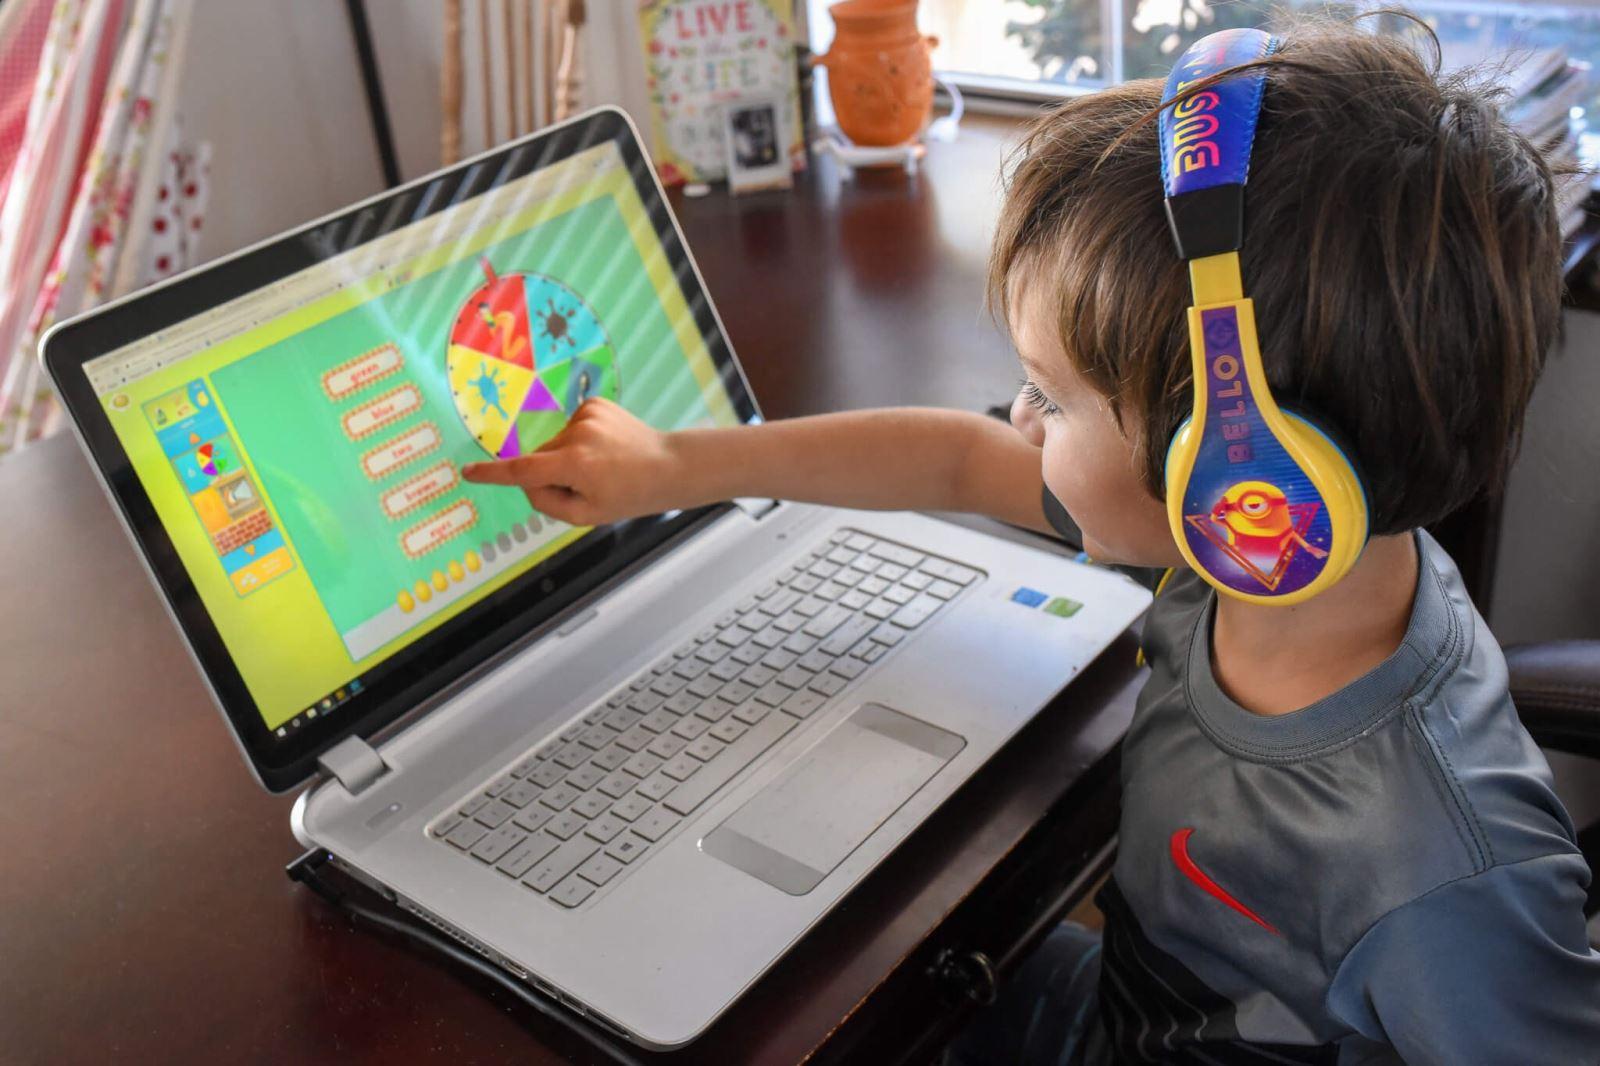 Phần mềm đọc tiếng Anh chuẩn cho trẻ em